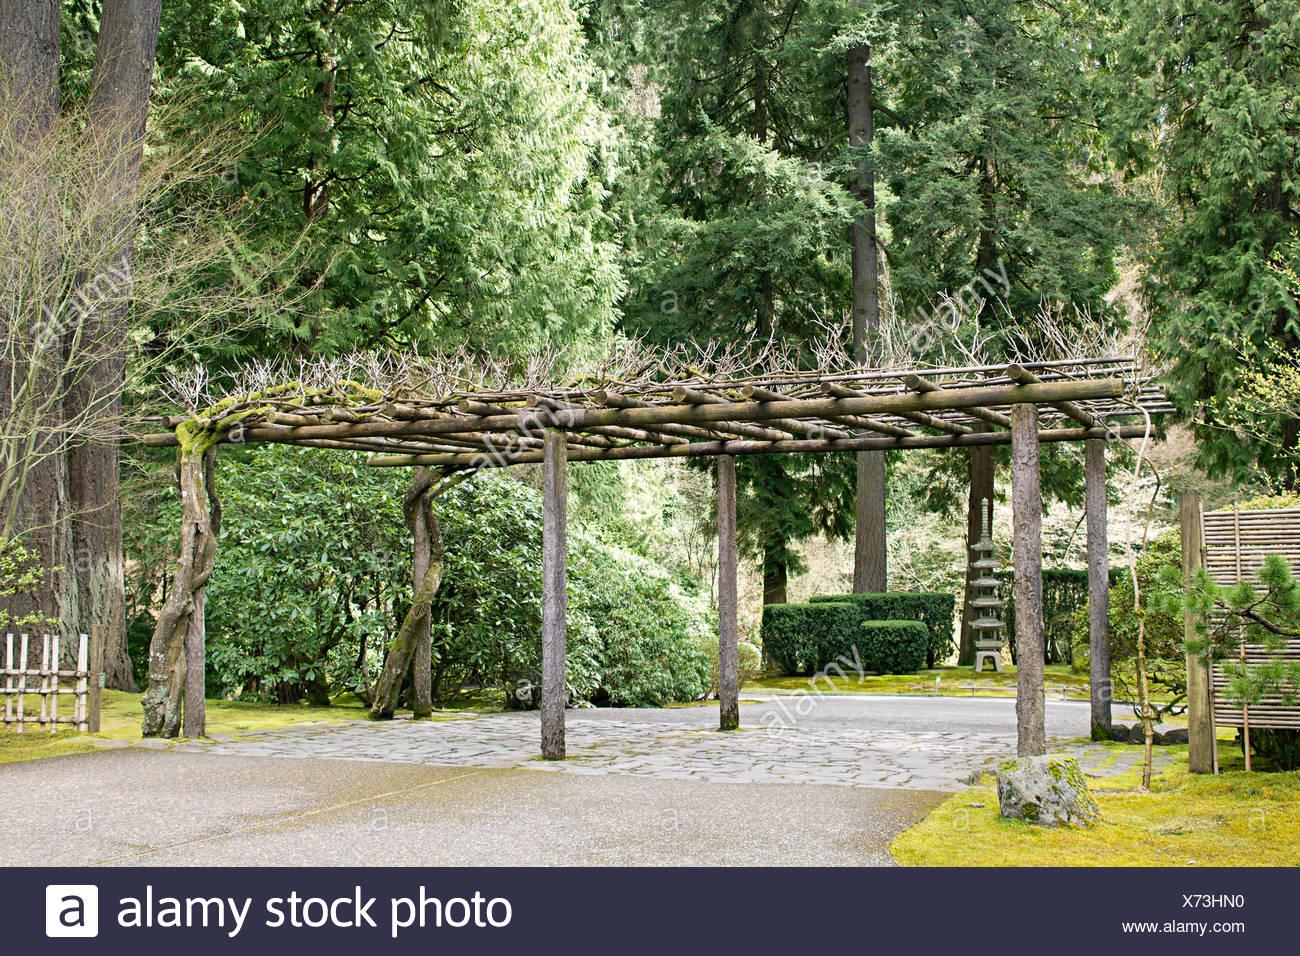 Garten Pergola Pagode Japanische Struktur Baum Bäume Garten Stein